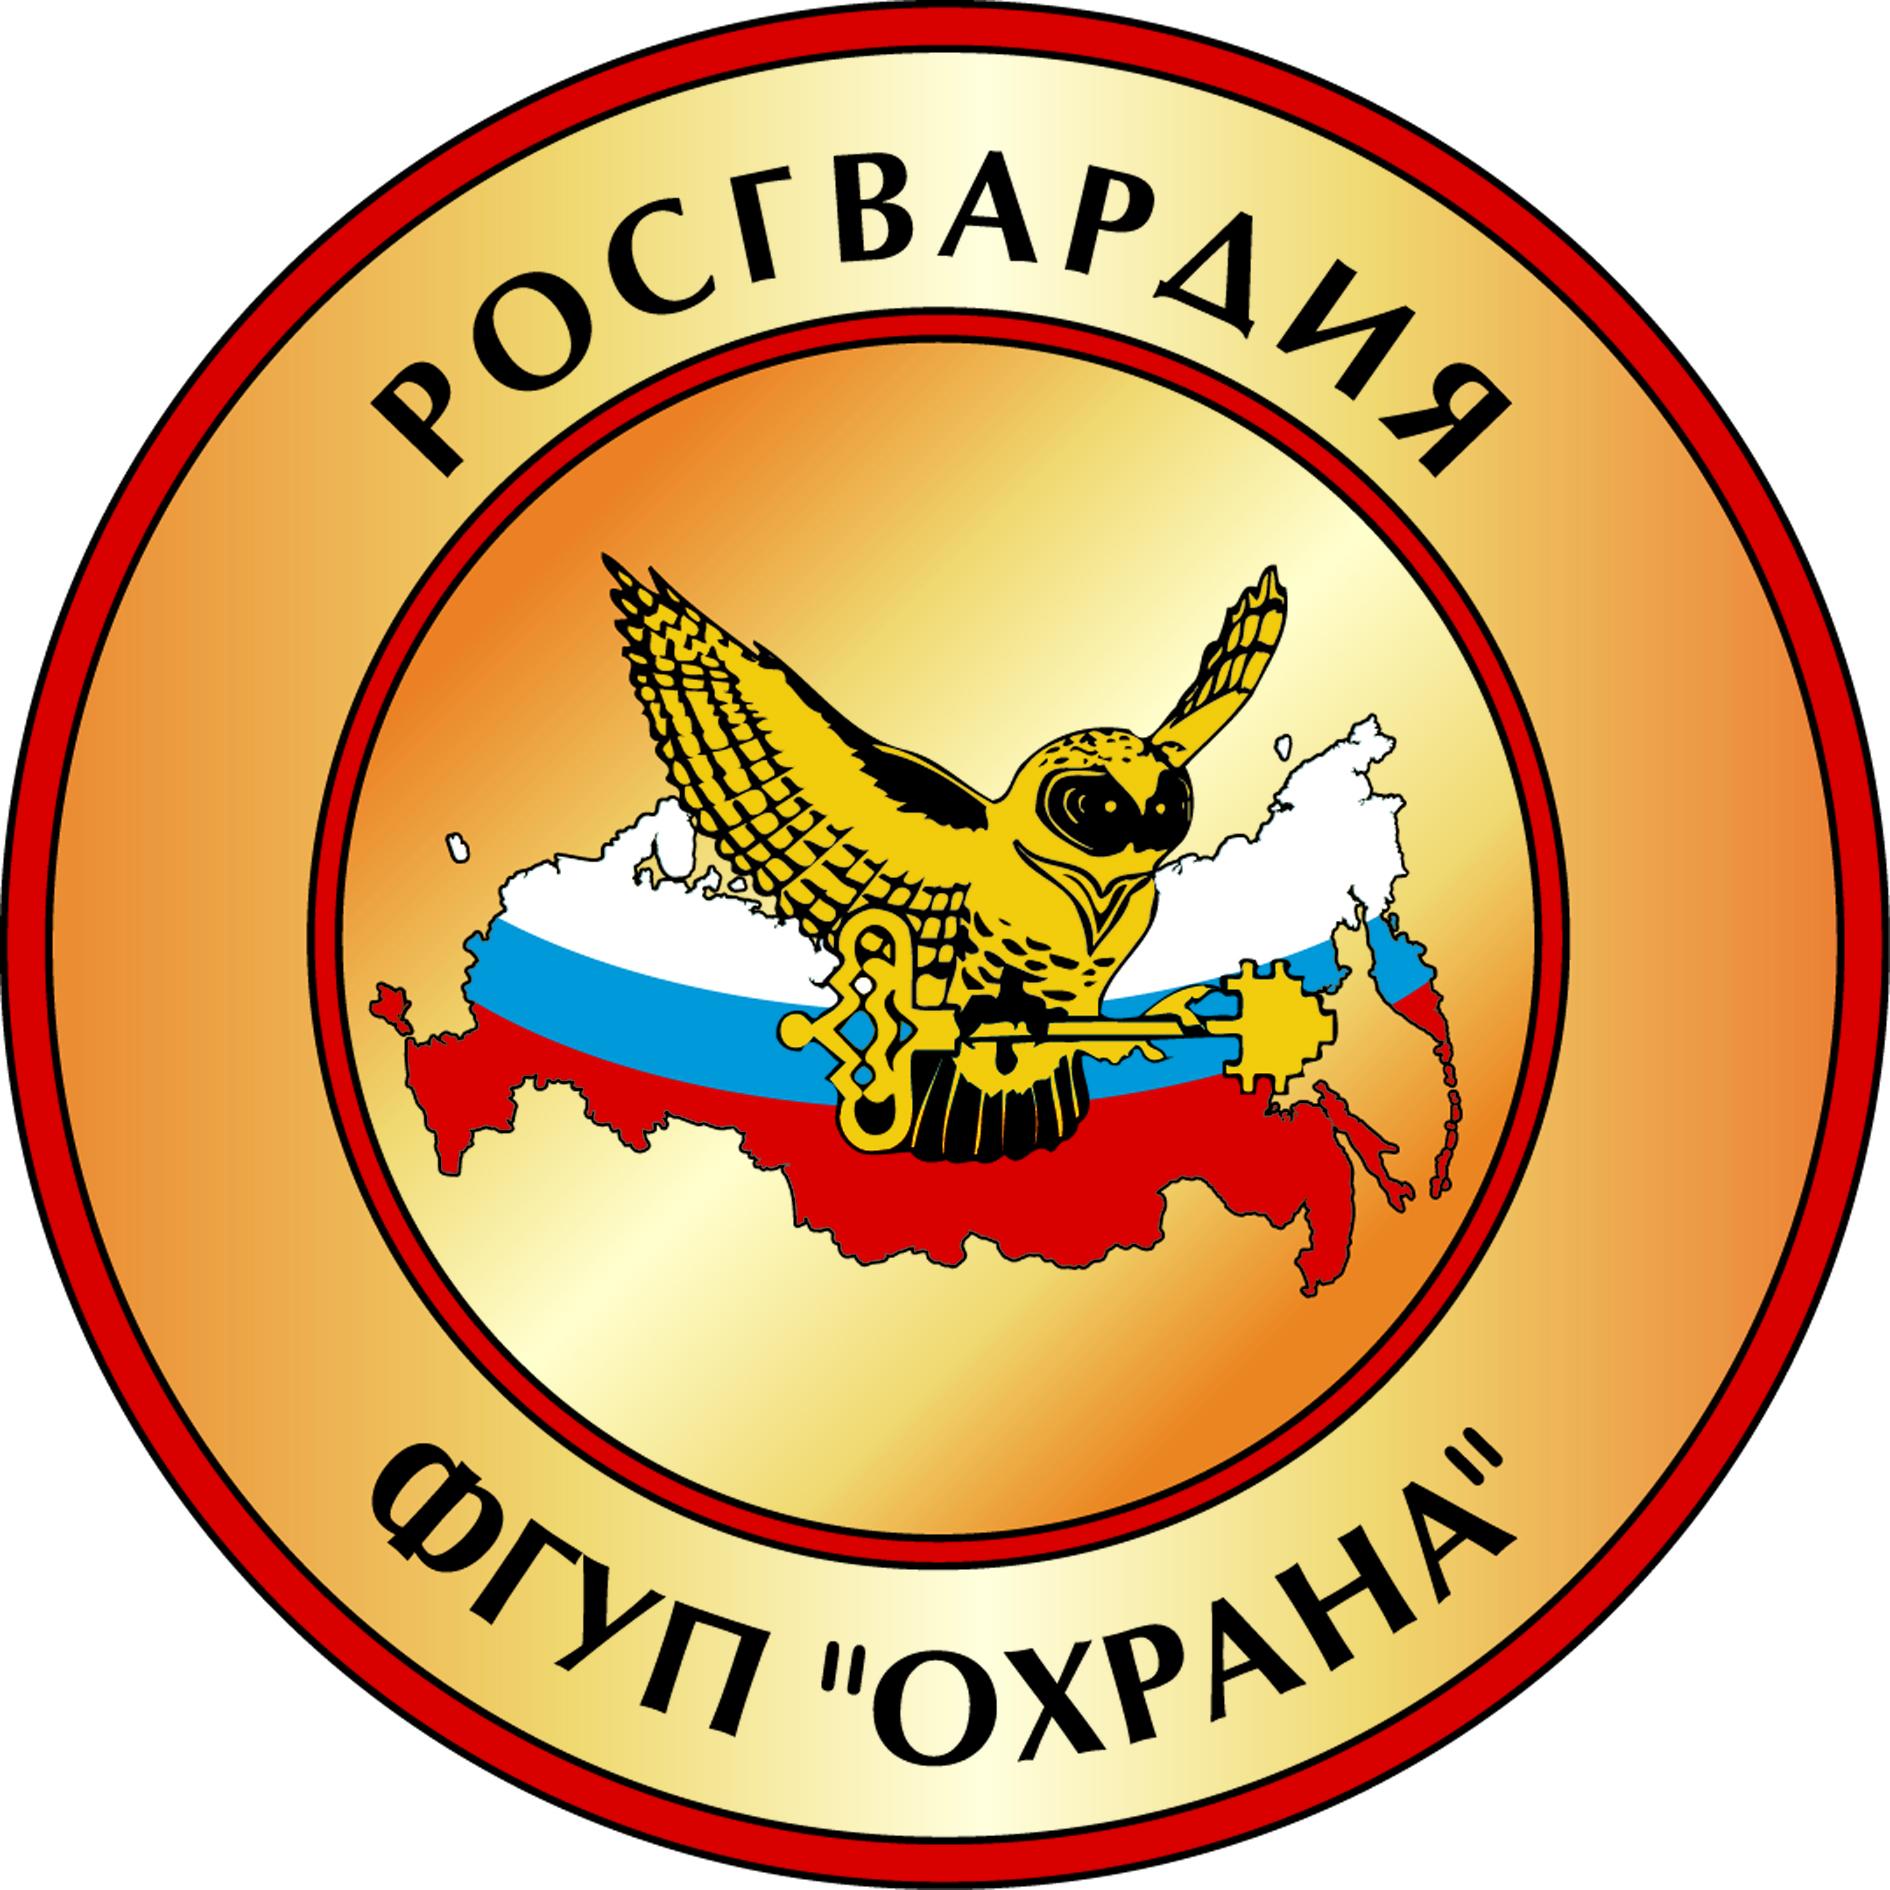 Работа в компании «ФГУП «Охрана» Росгвардии» в Лобни